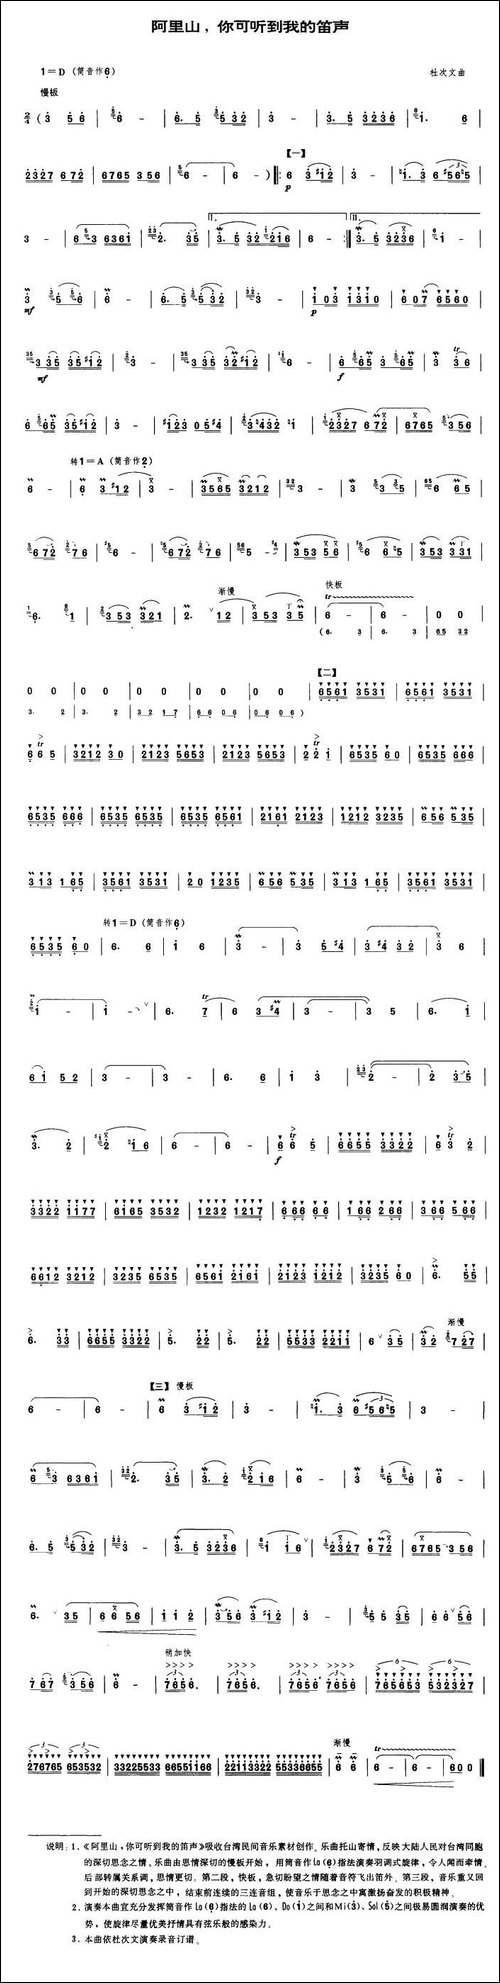 阿里山,你可听到我的笛声-笛箫间谱|笛箫谱